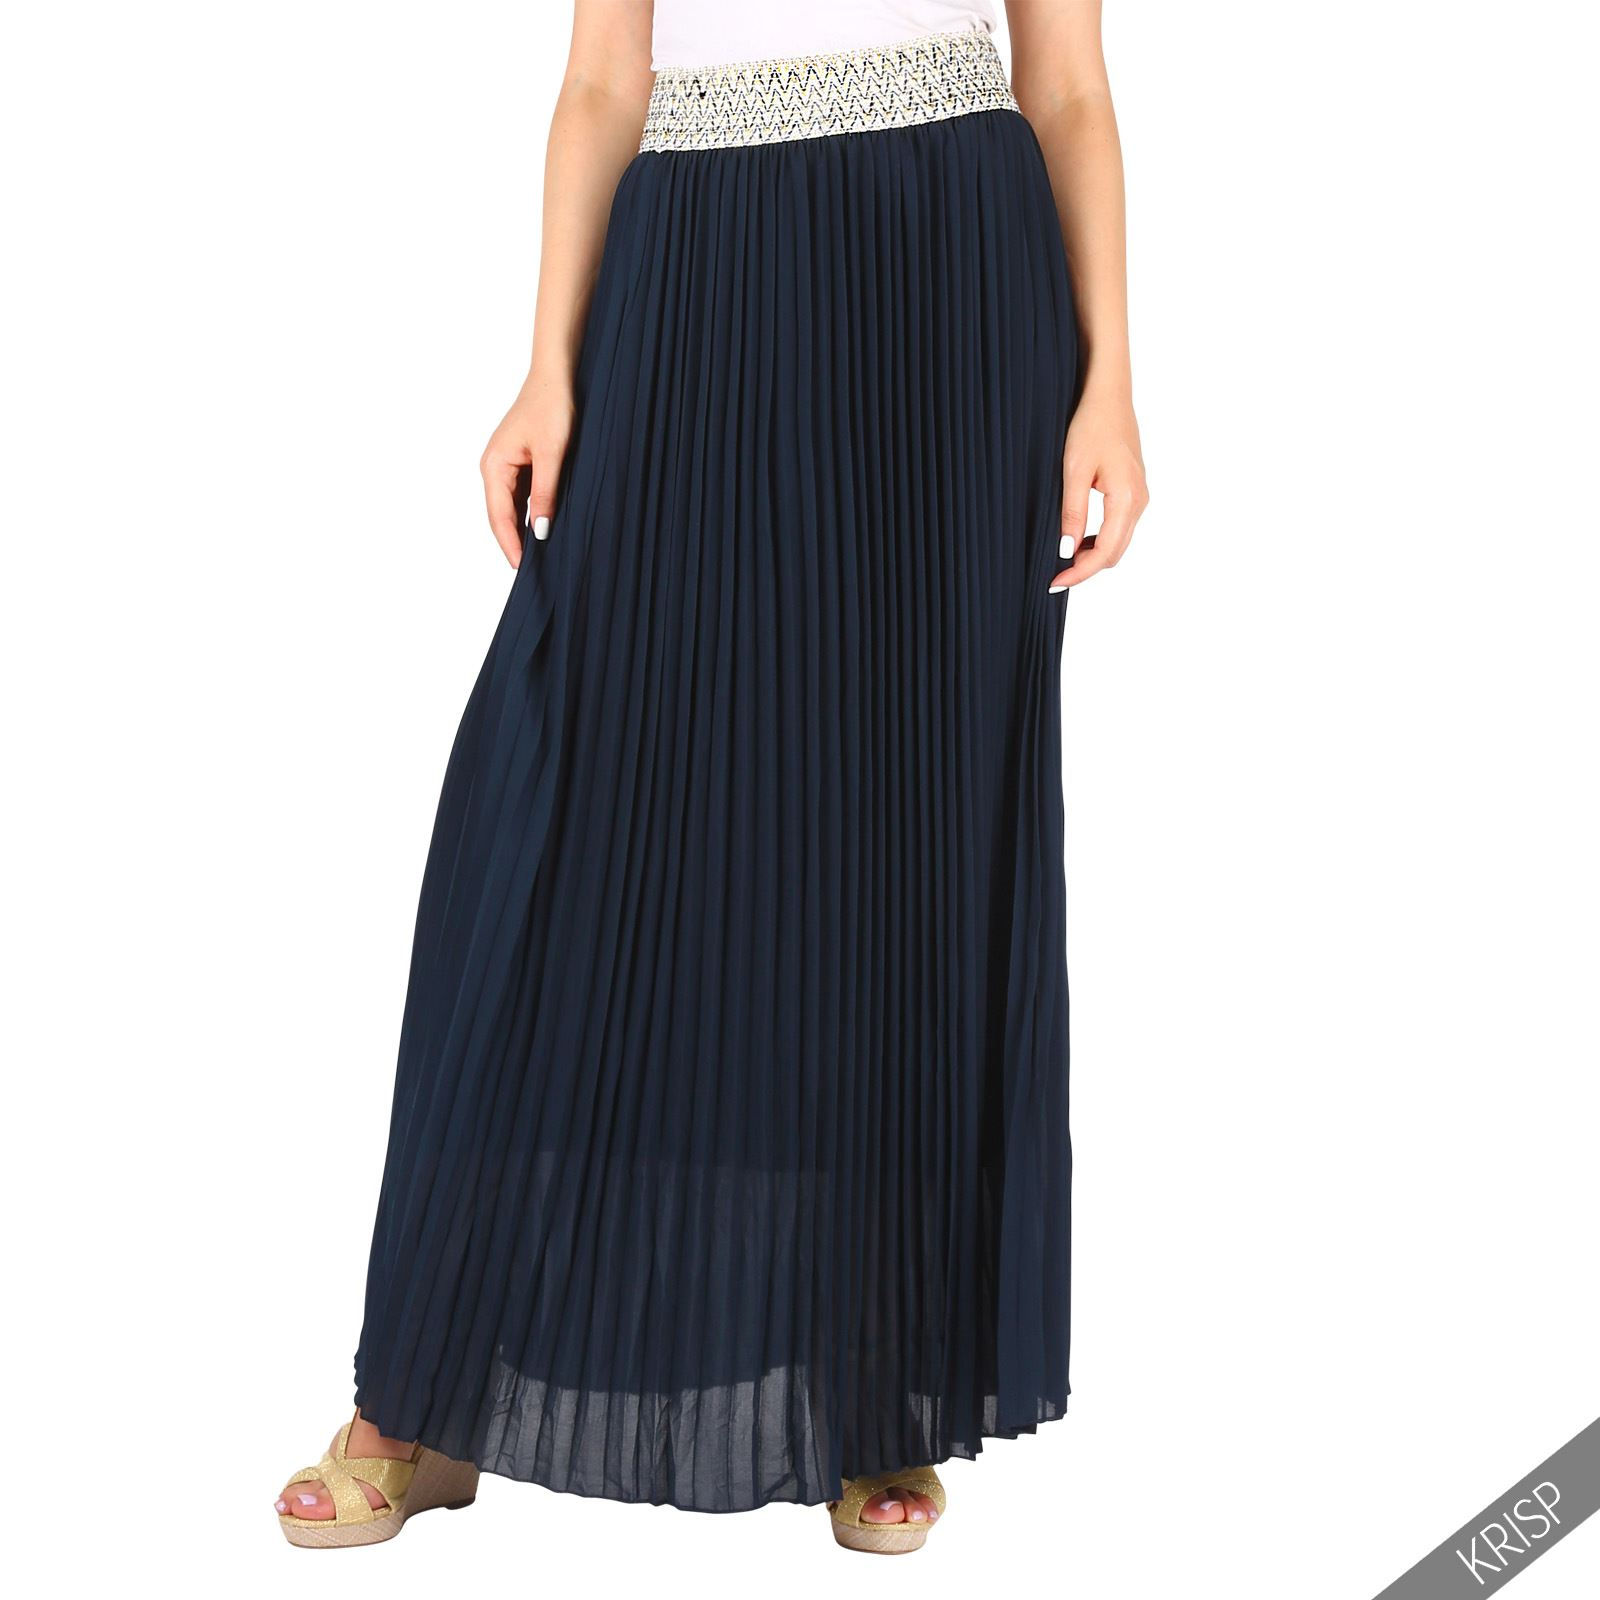 Falda-Mujer-Larga-Plisada-Verano-Fiesta-Bodas-Maxi-Cintura-Alta-Elastica-Tablas